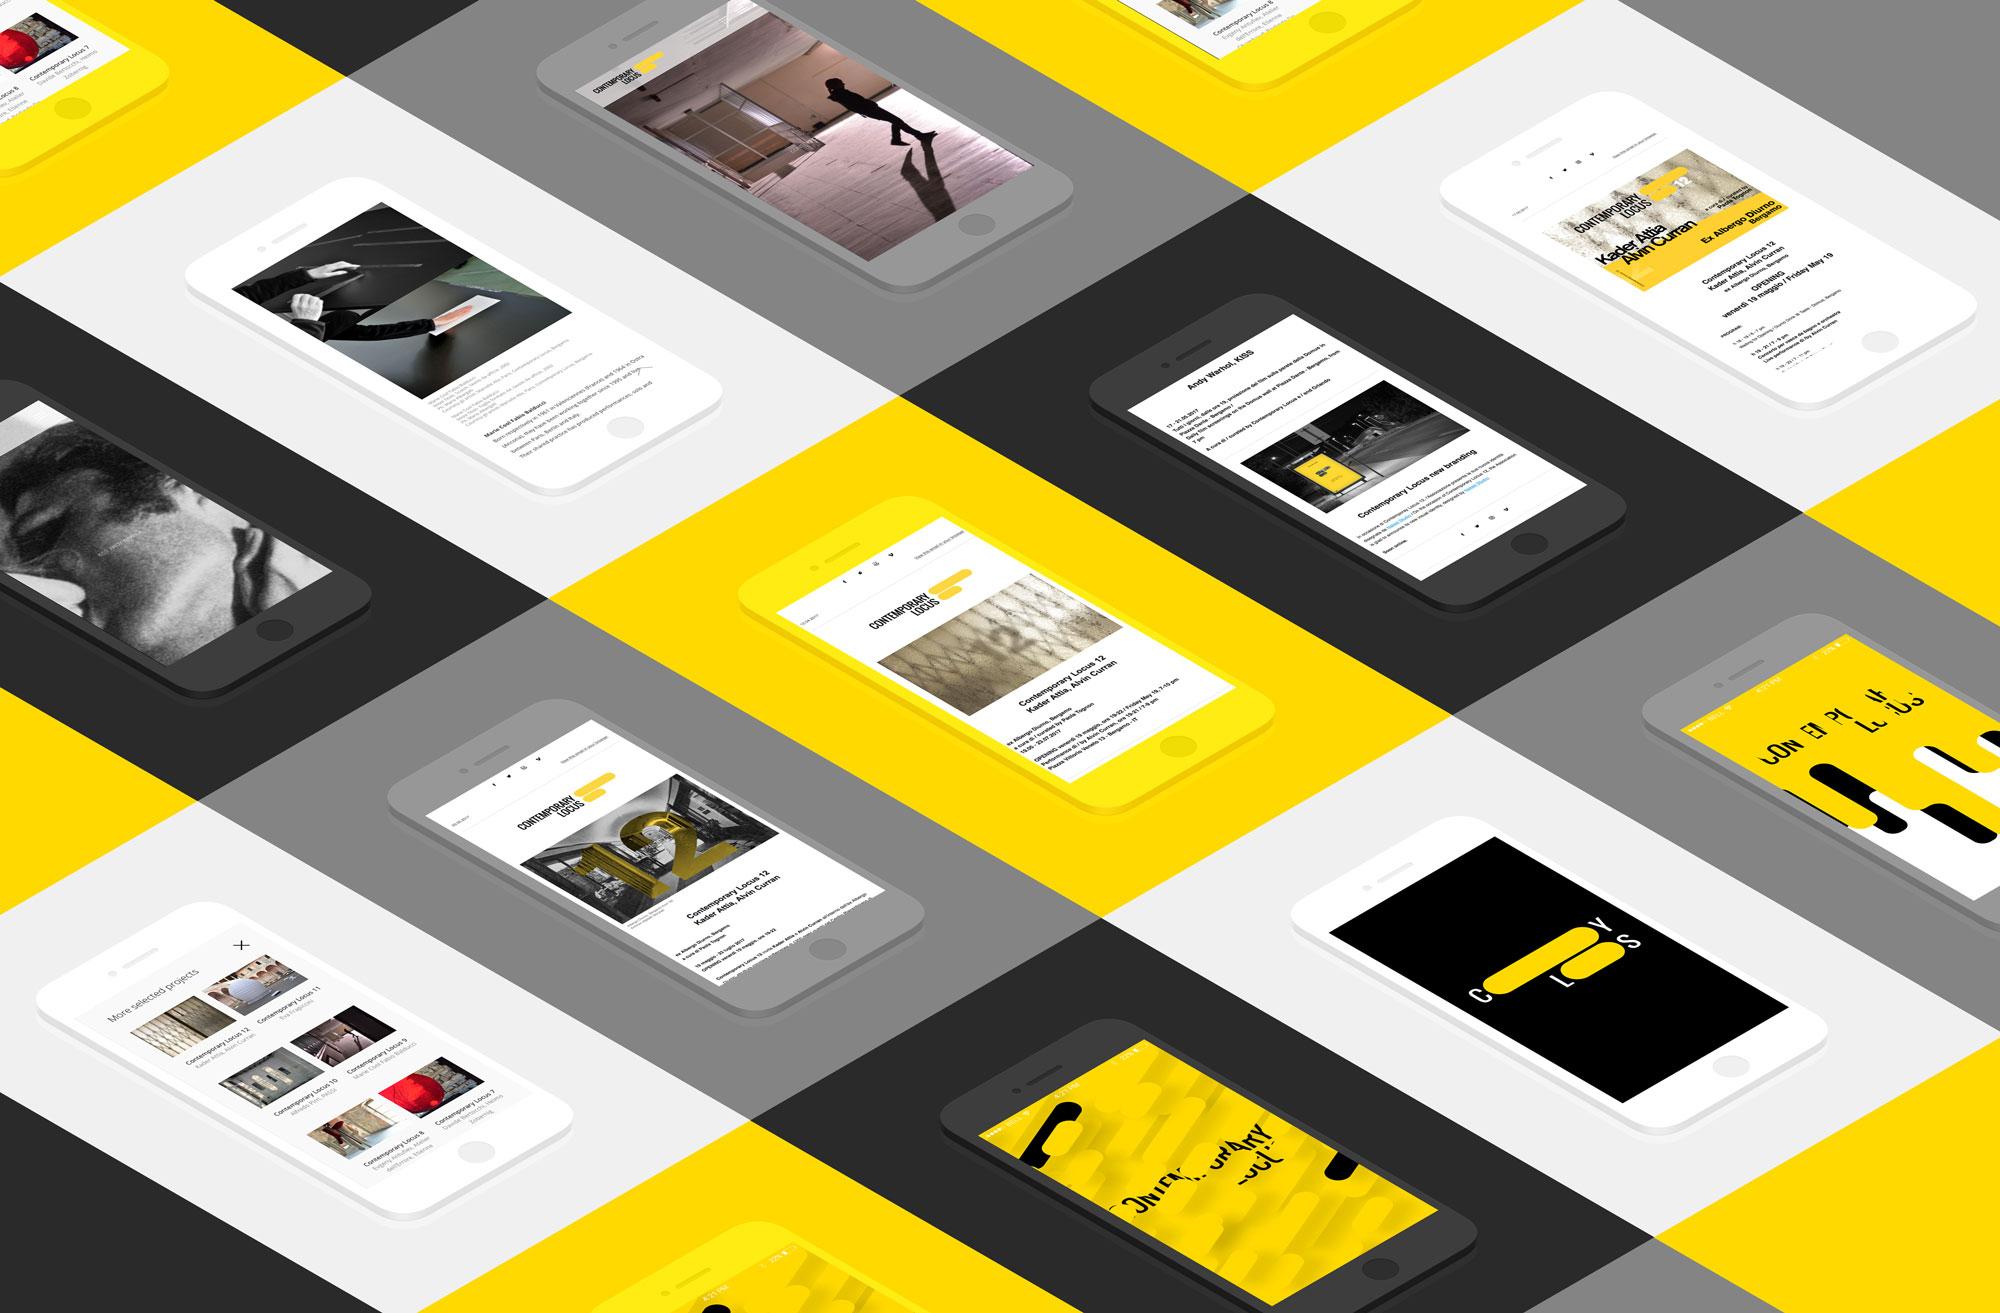 Perspective-App-Screens-Mock-Up-vol18